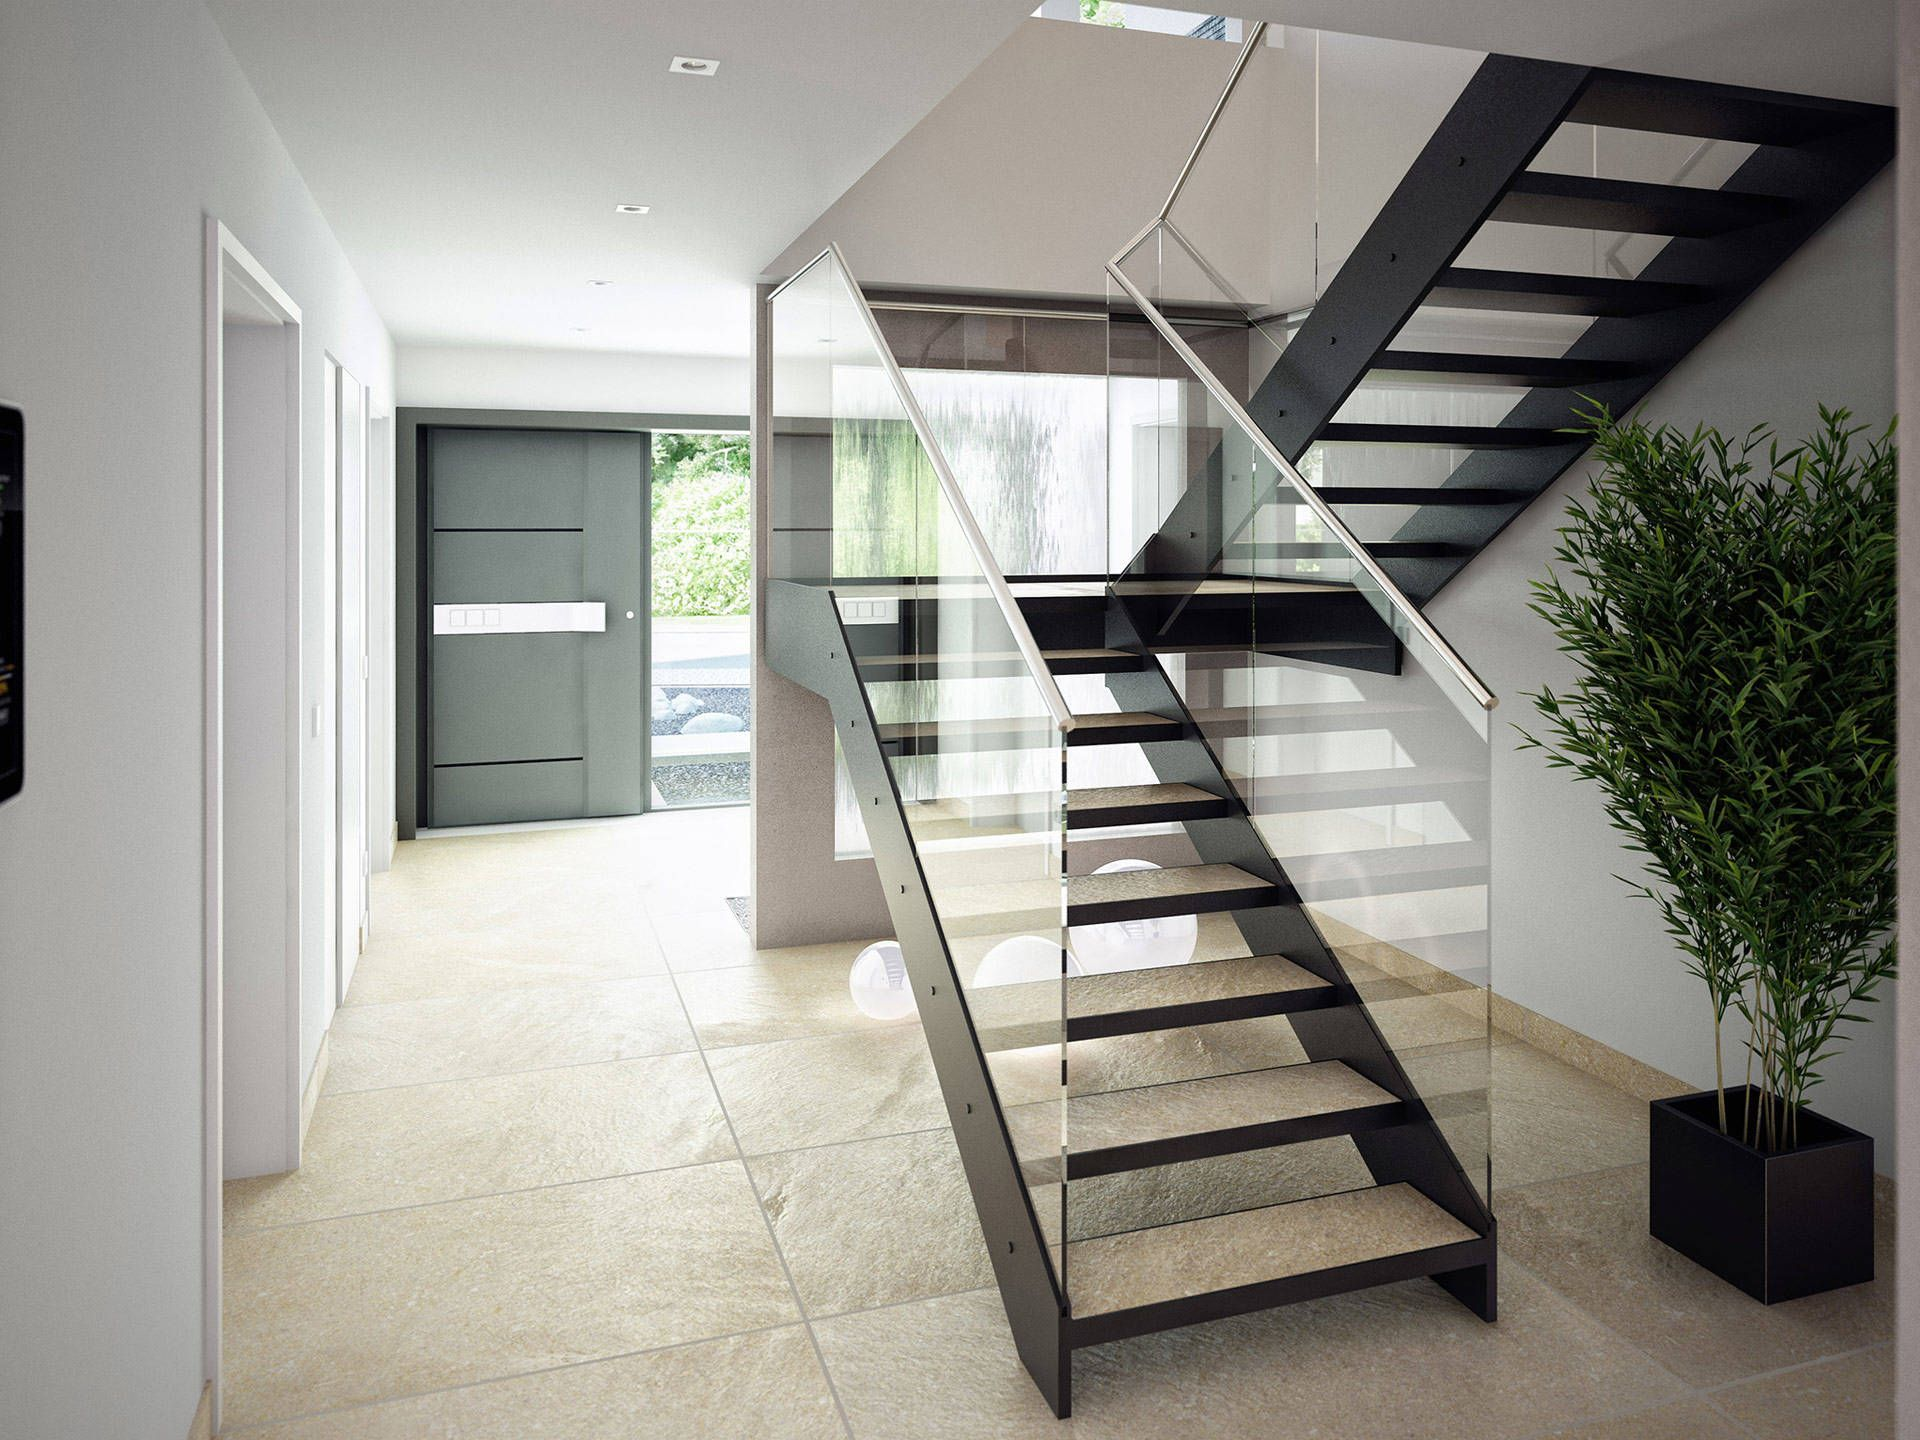 Wunderbar Treppen Teppich Modern Dekoration Von Und Eingangsbereich Loft Interiors, Heim, Classic, Sweet